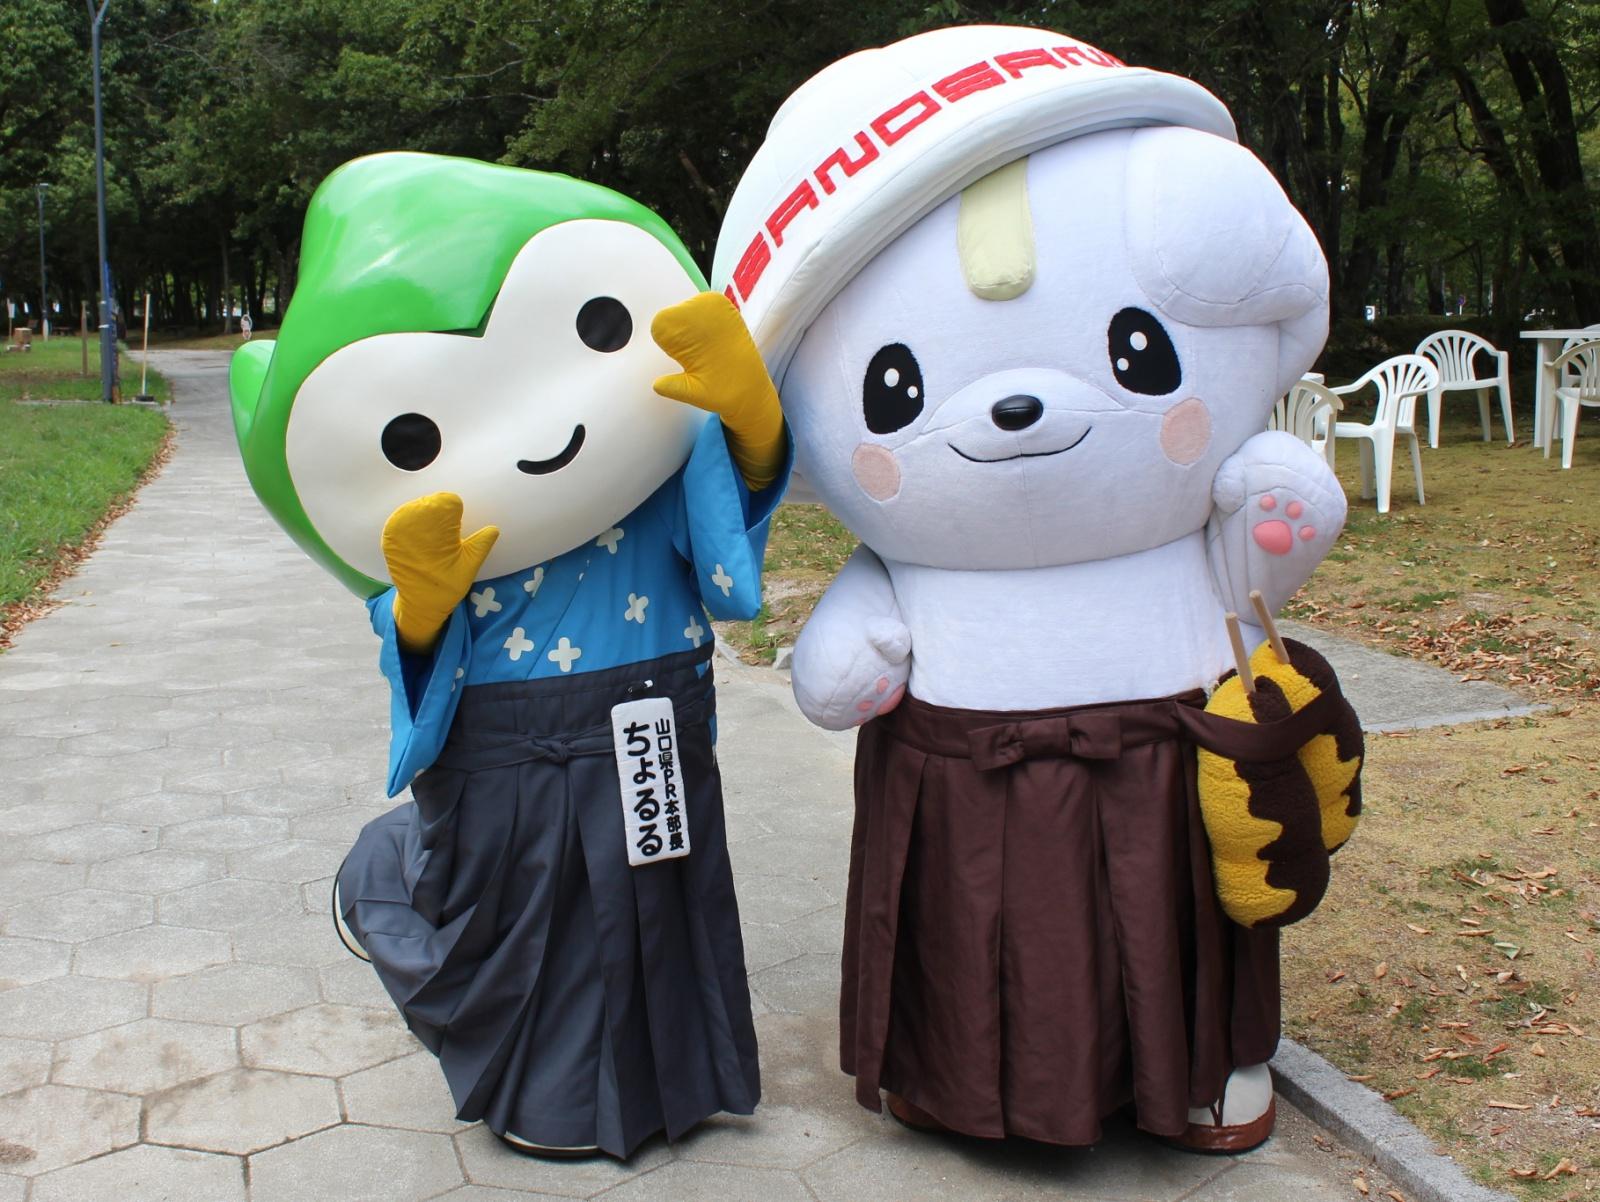 やまぐちに栃木県から佐野ブランドキャラクター「さのまる」が遊びに来てくれたよ☆彡